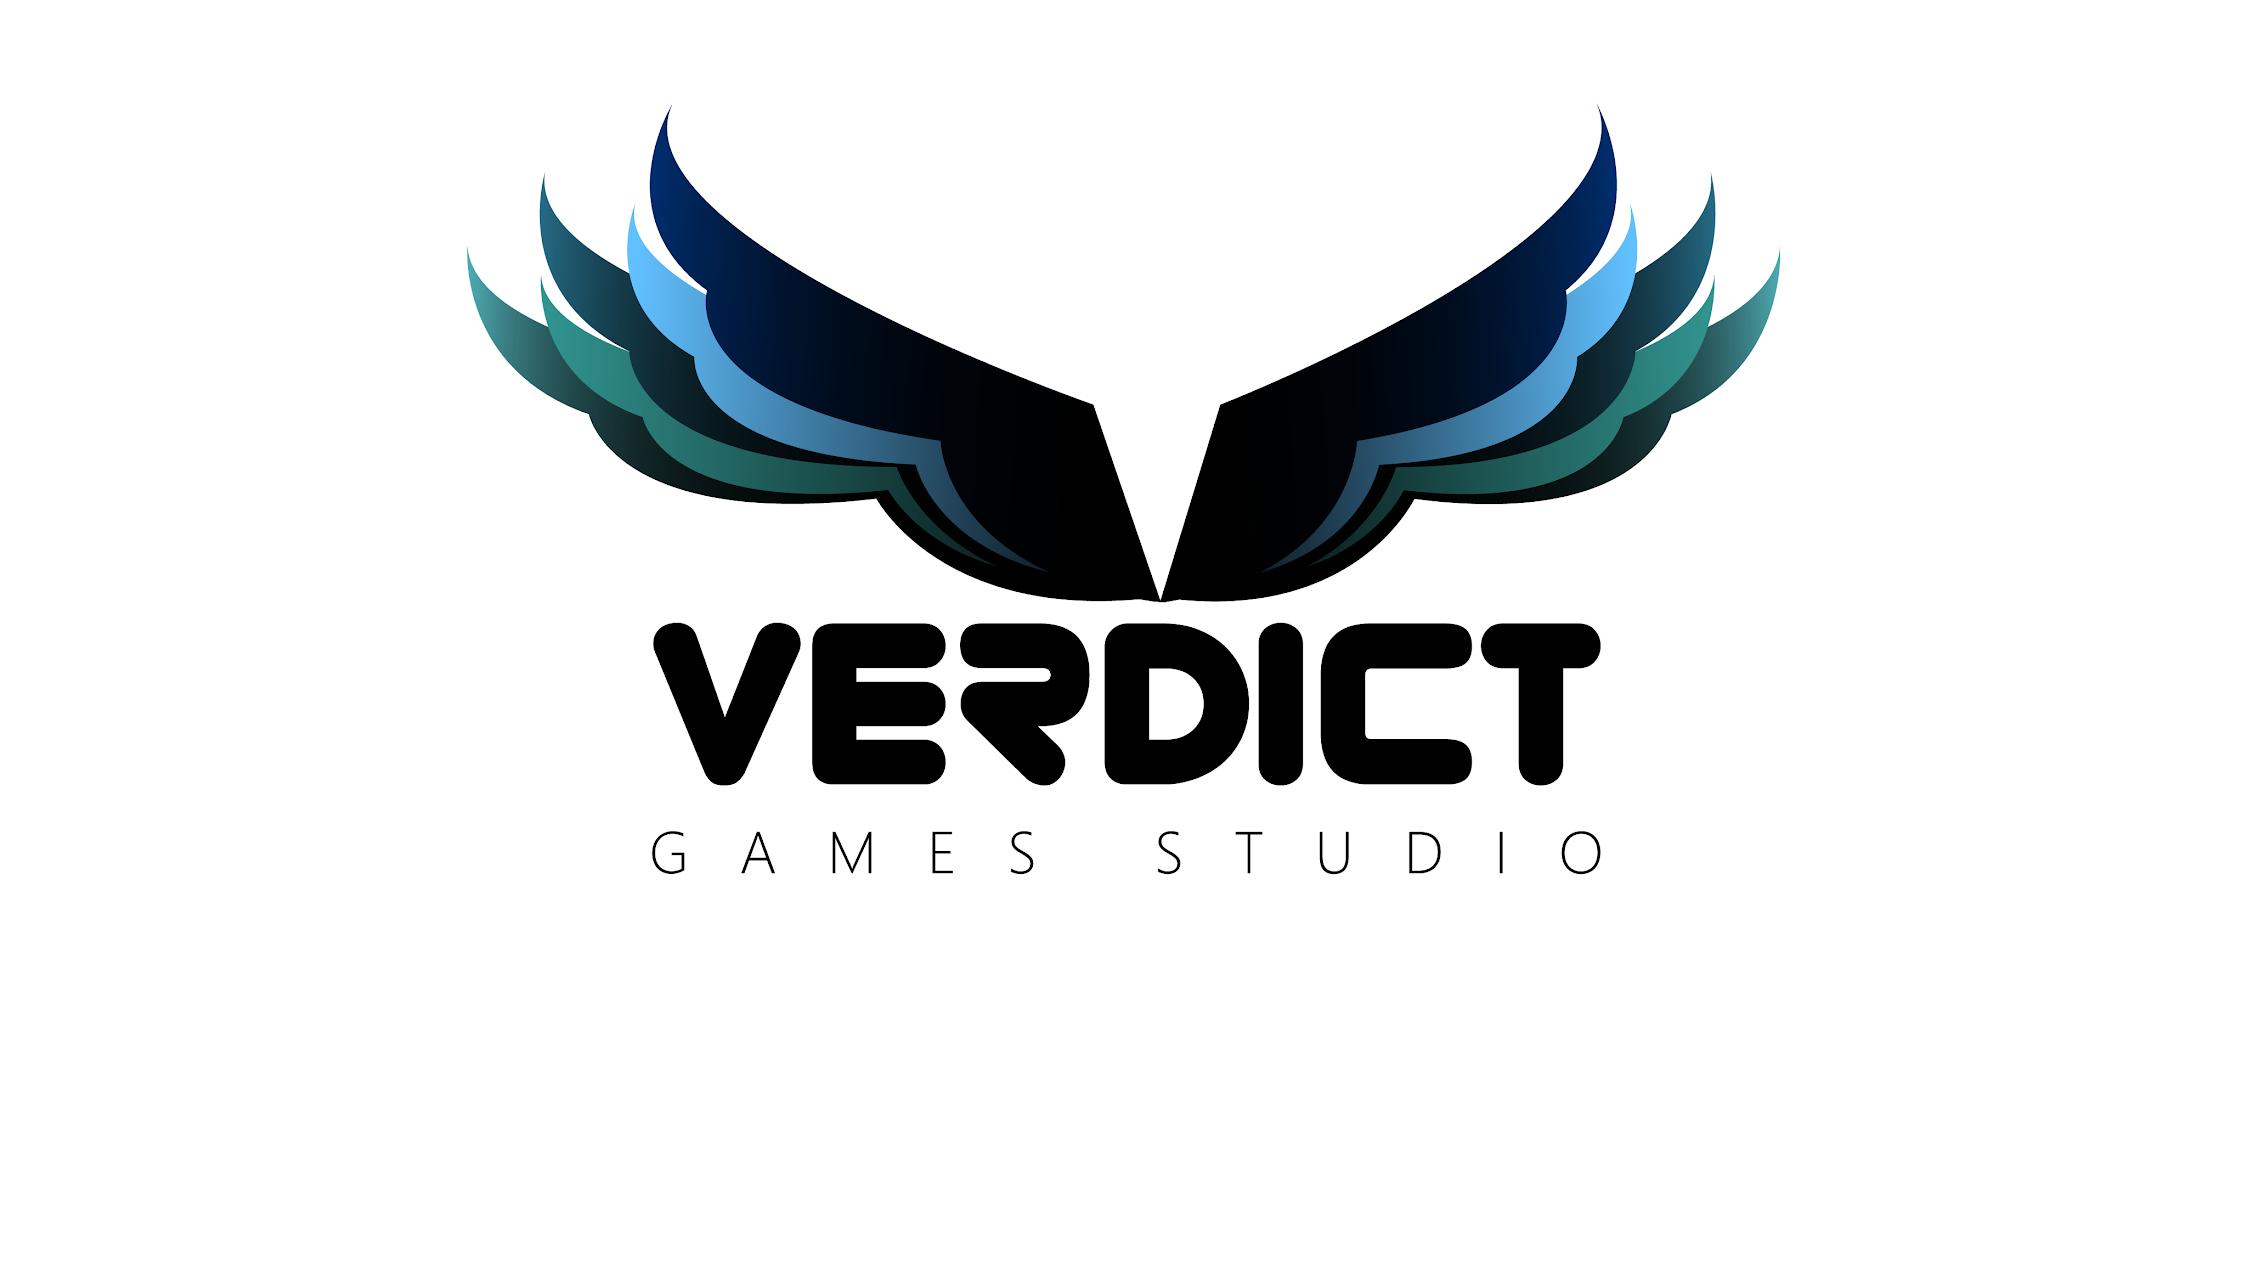 Verdict Games Studio